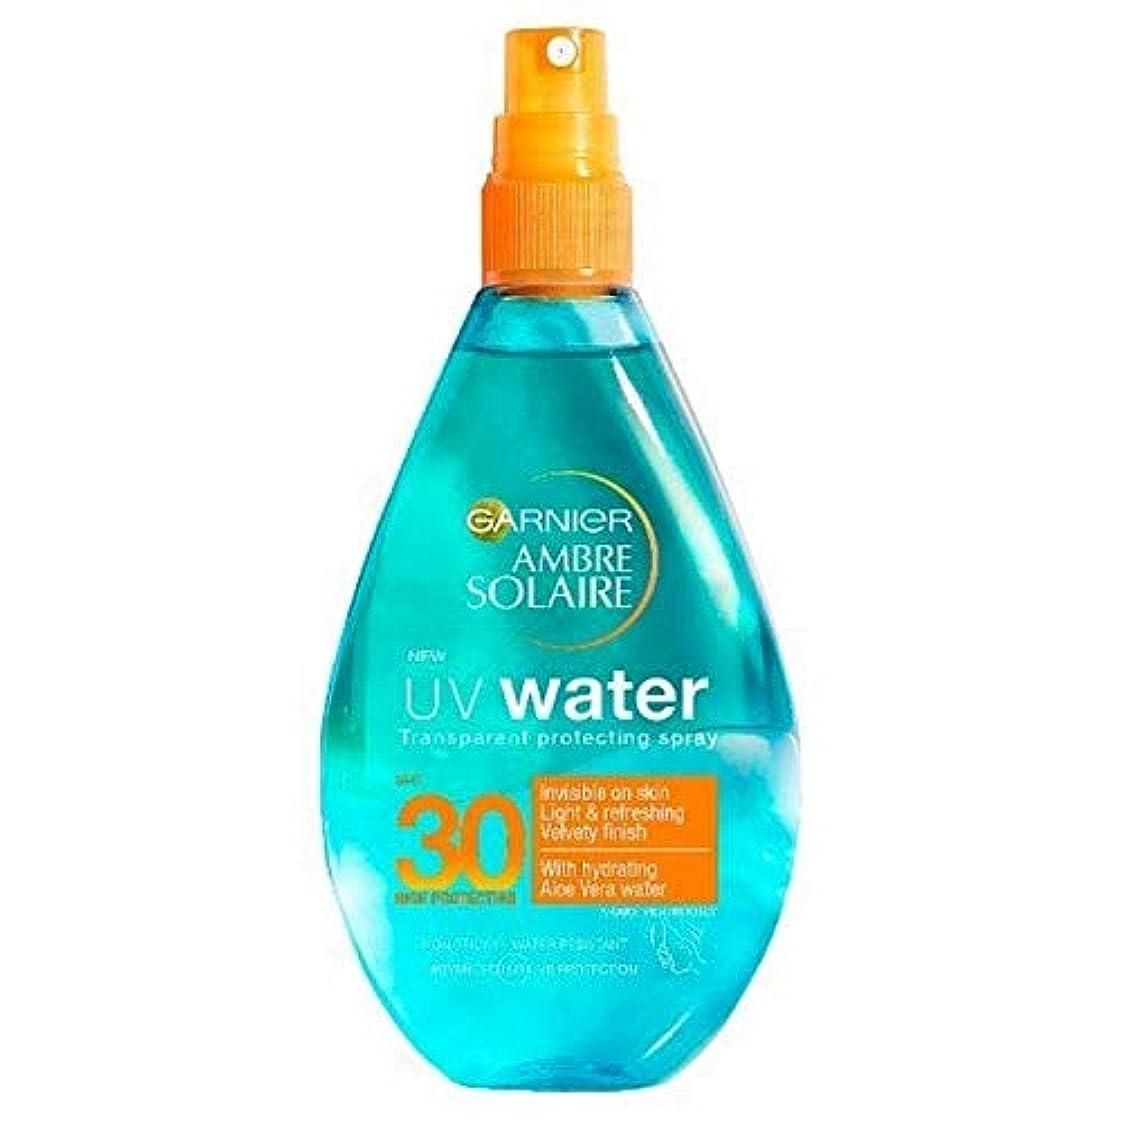 アライメントさわやかローズ[Garnier ] アンブレSolaire紫外線水明確な日クリームスプレーSpf30 150ミリリットル - Ambre Solaire UV Water Clear Sun Cream Spray SPF30 150ml...